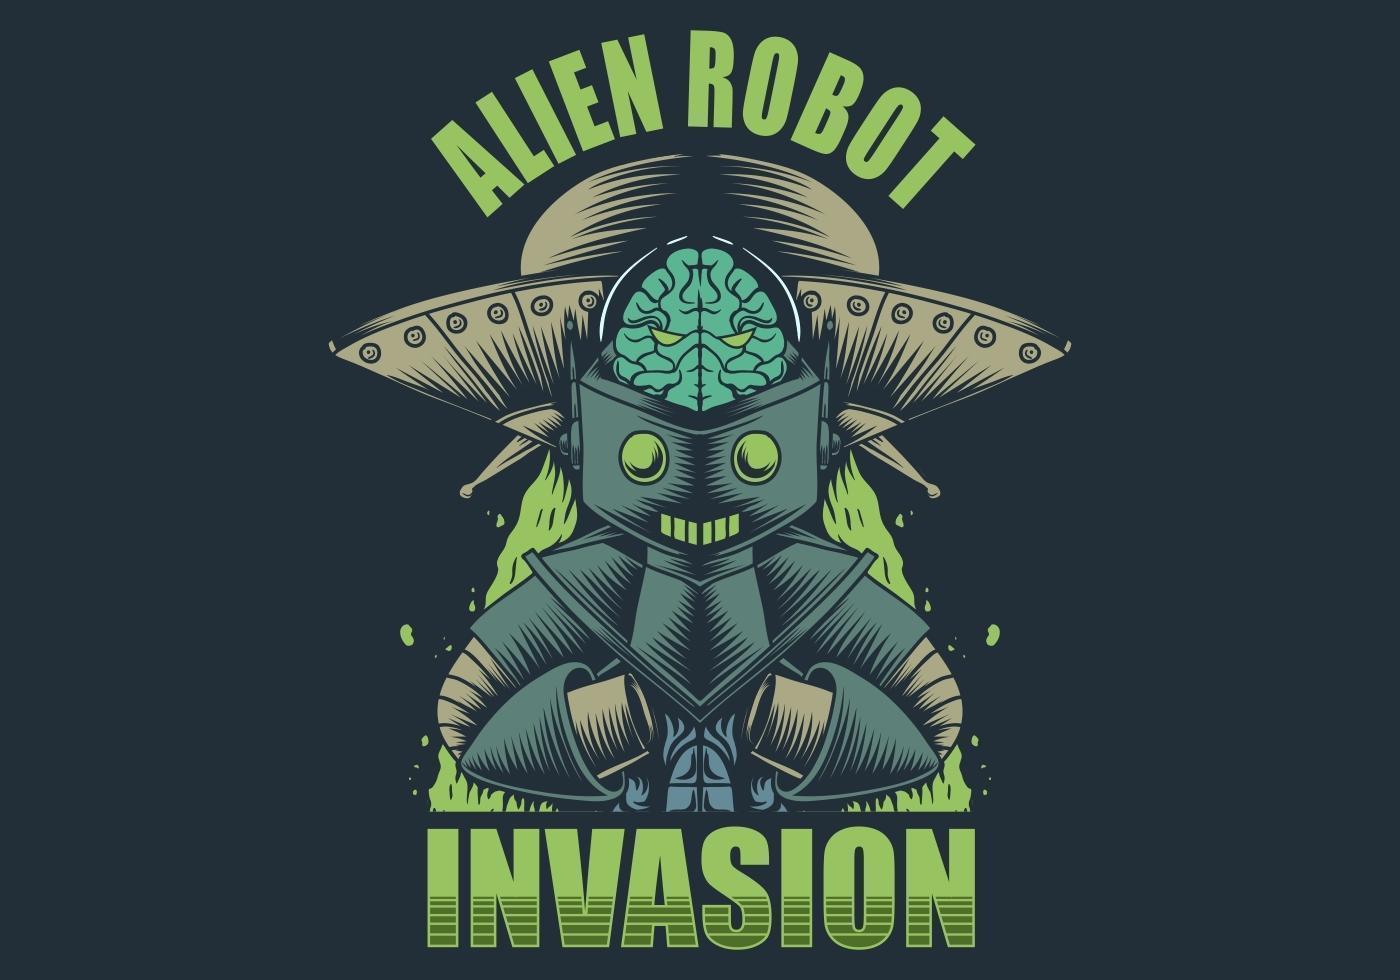 främmande robot invasion illustration vektor